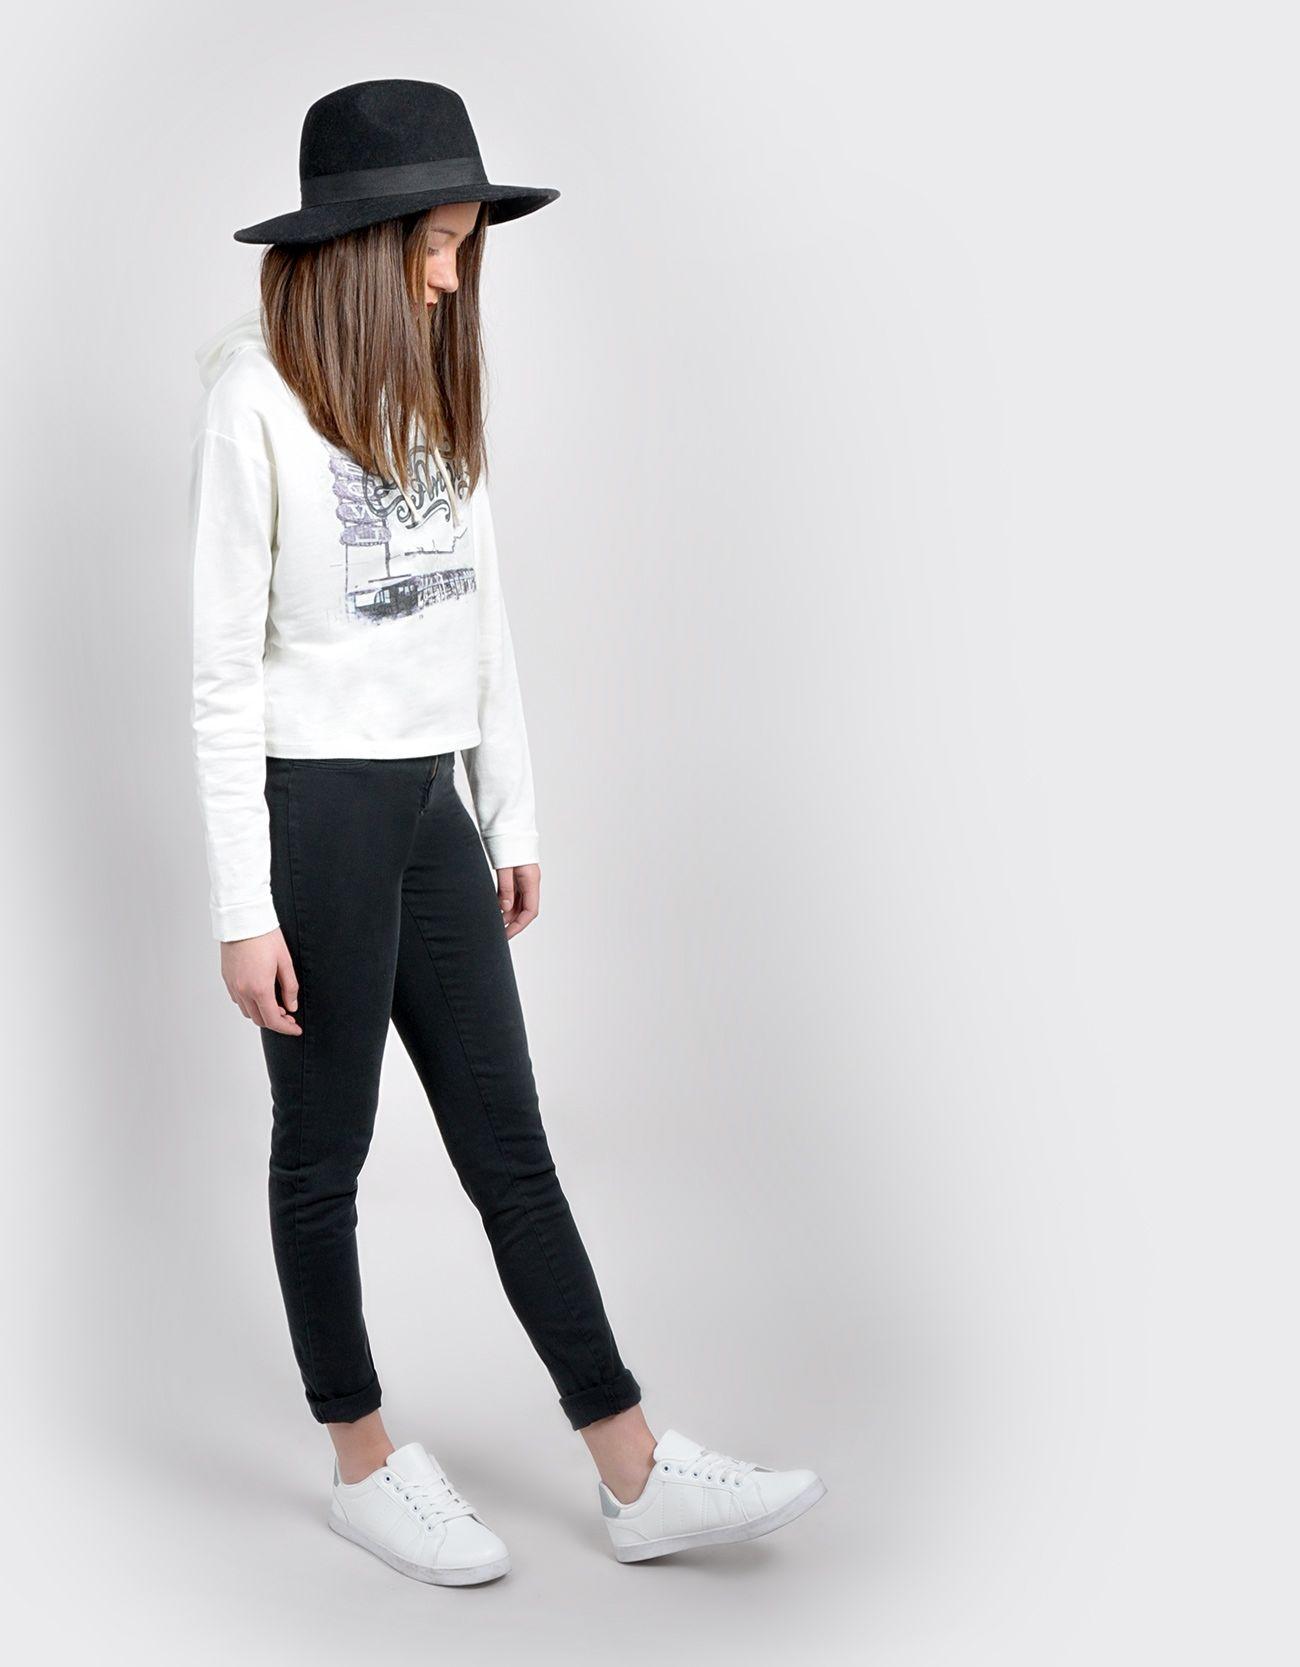 Sudadera y jeans